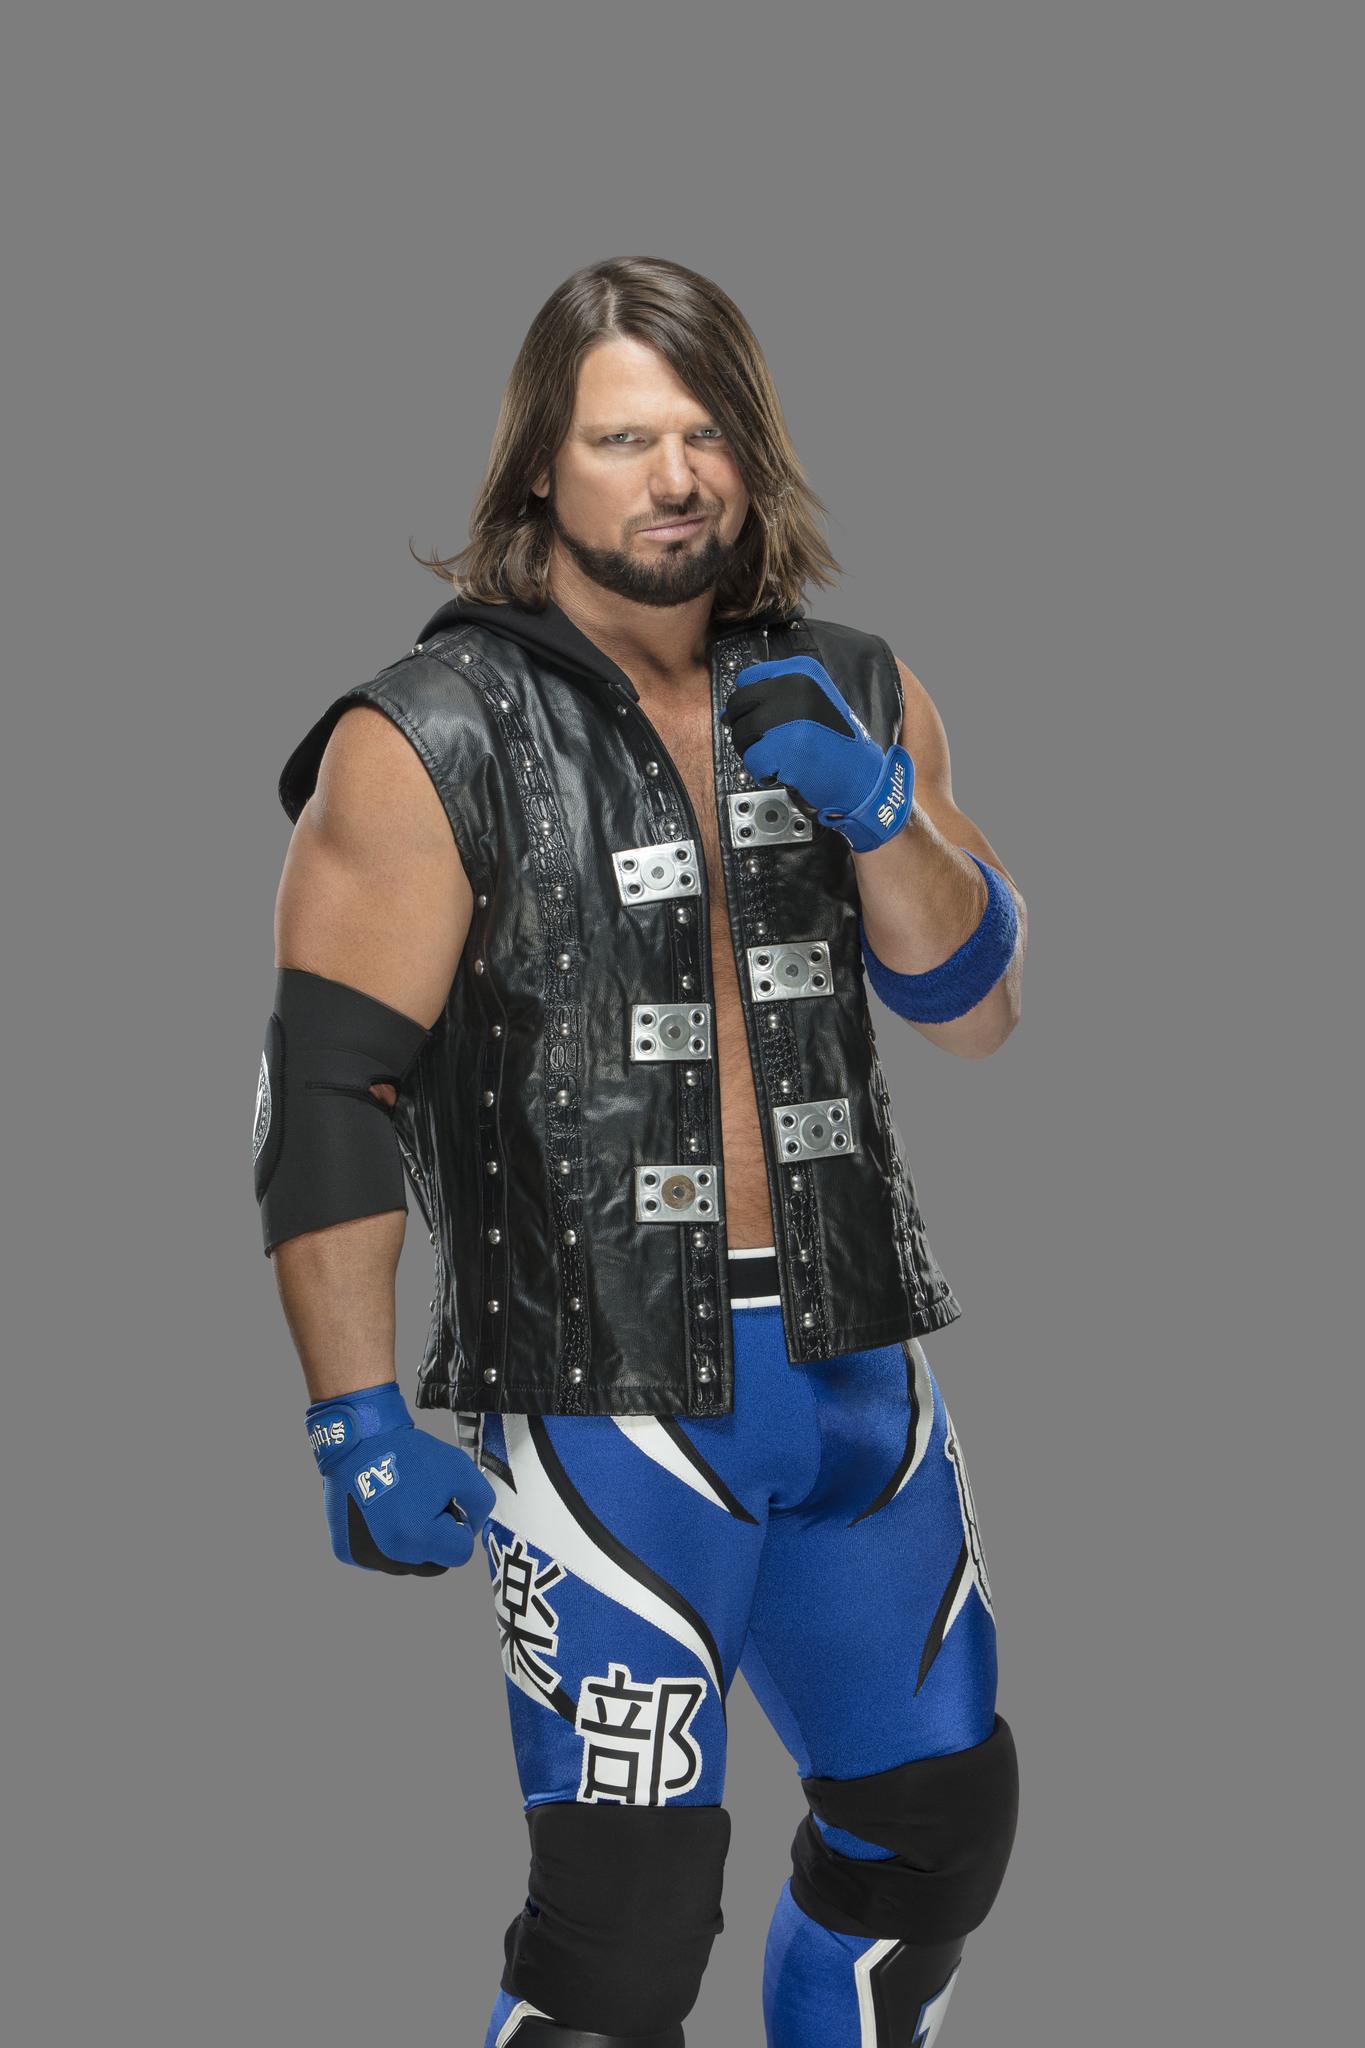 Bild zum Artikel: WWE AJ Styles Interview: WrestleMania 34, Traumgegner, Zukunft & Ruhestand